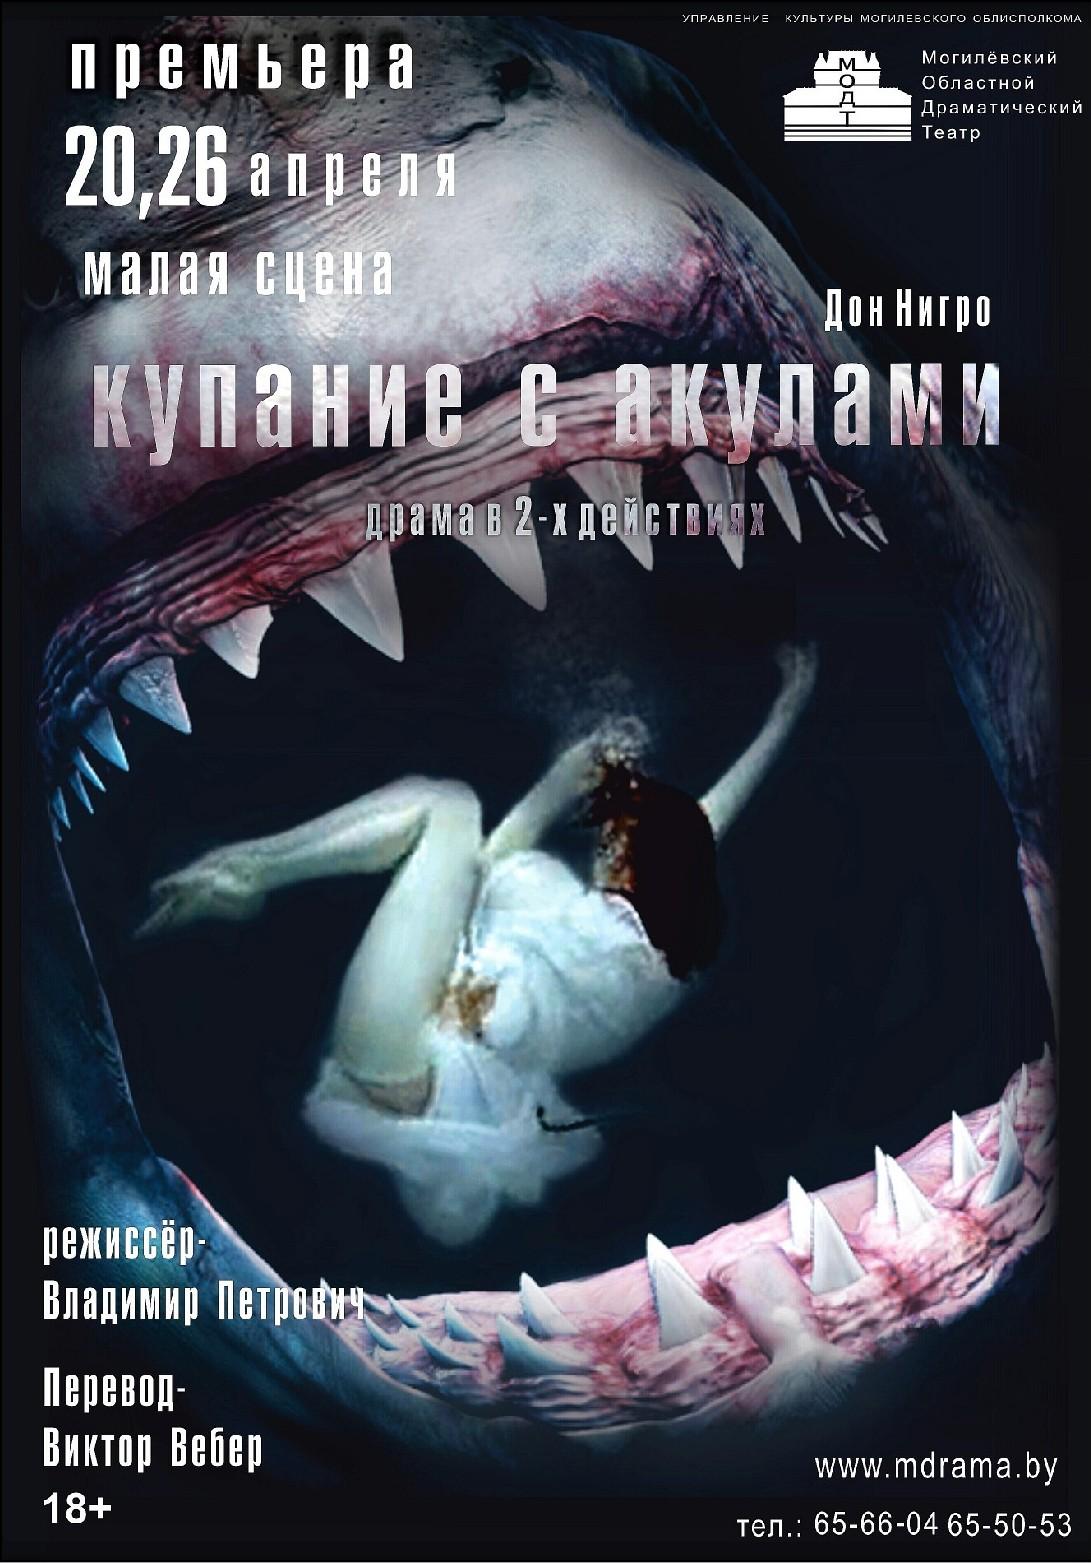 Премьеру спектакля «Купание сакулами» готовит Могилёвский драмтеатр